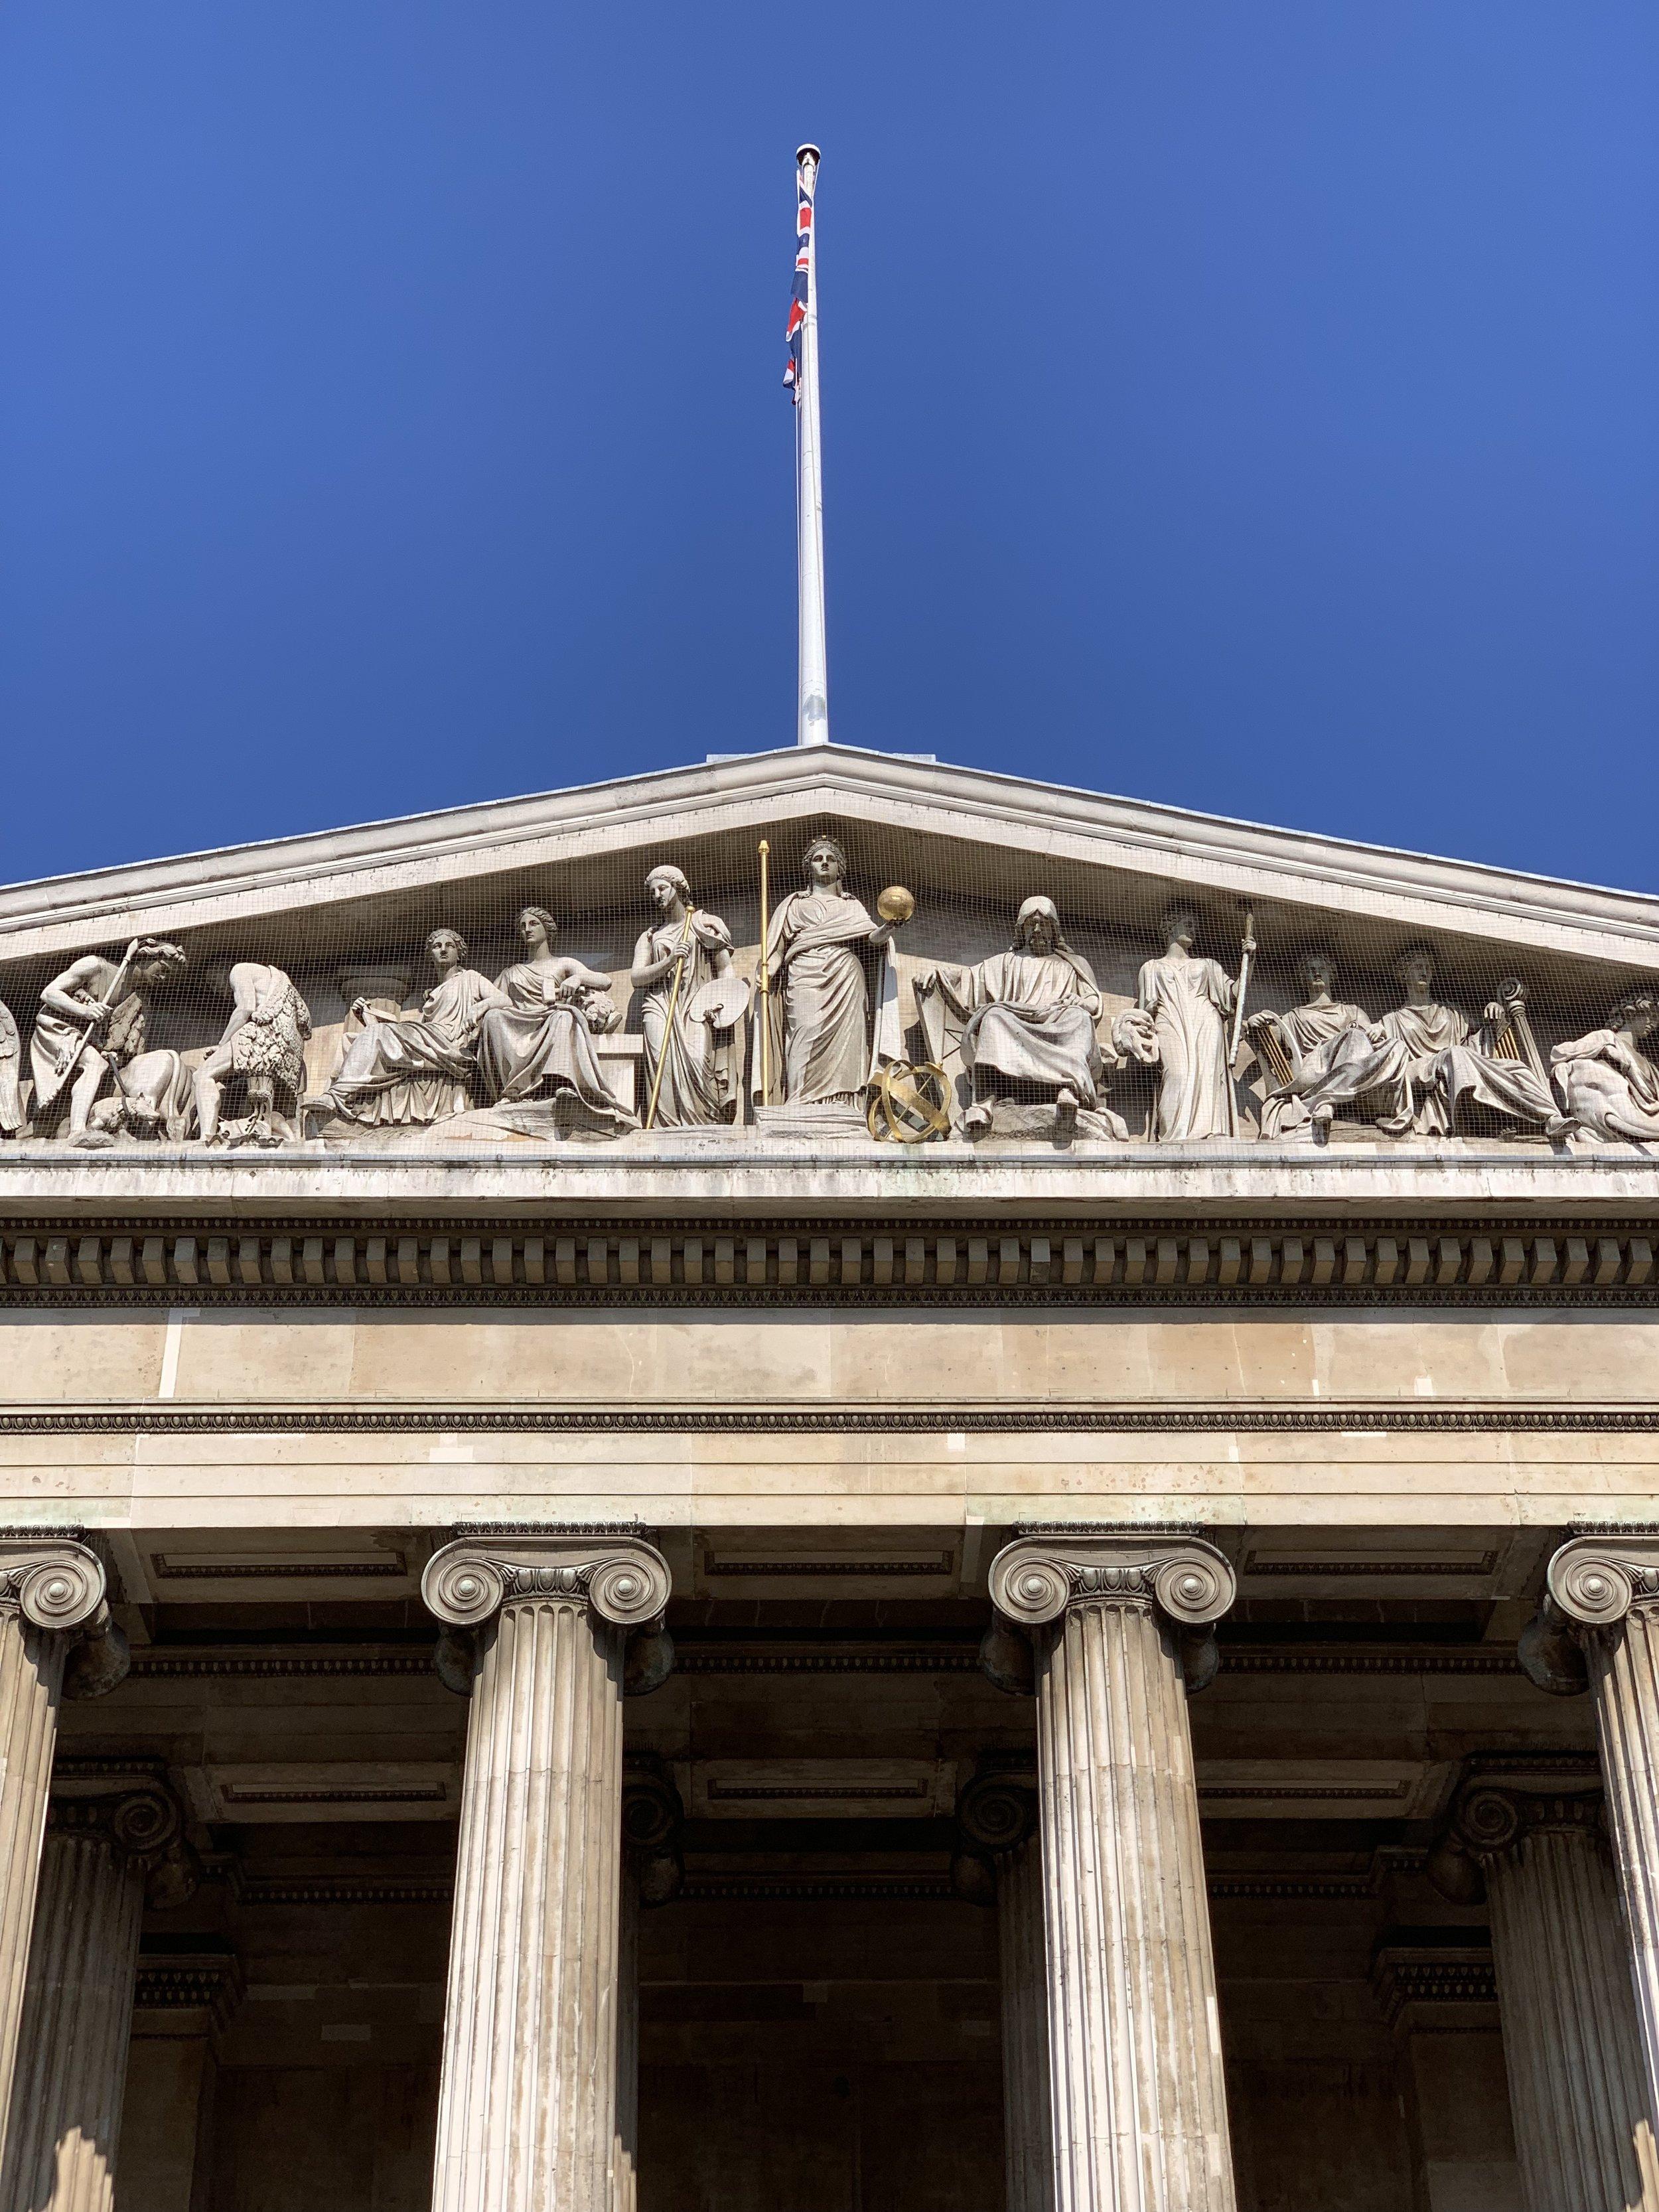 British Museum standing tall